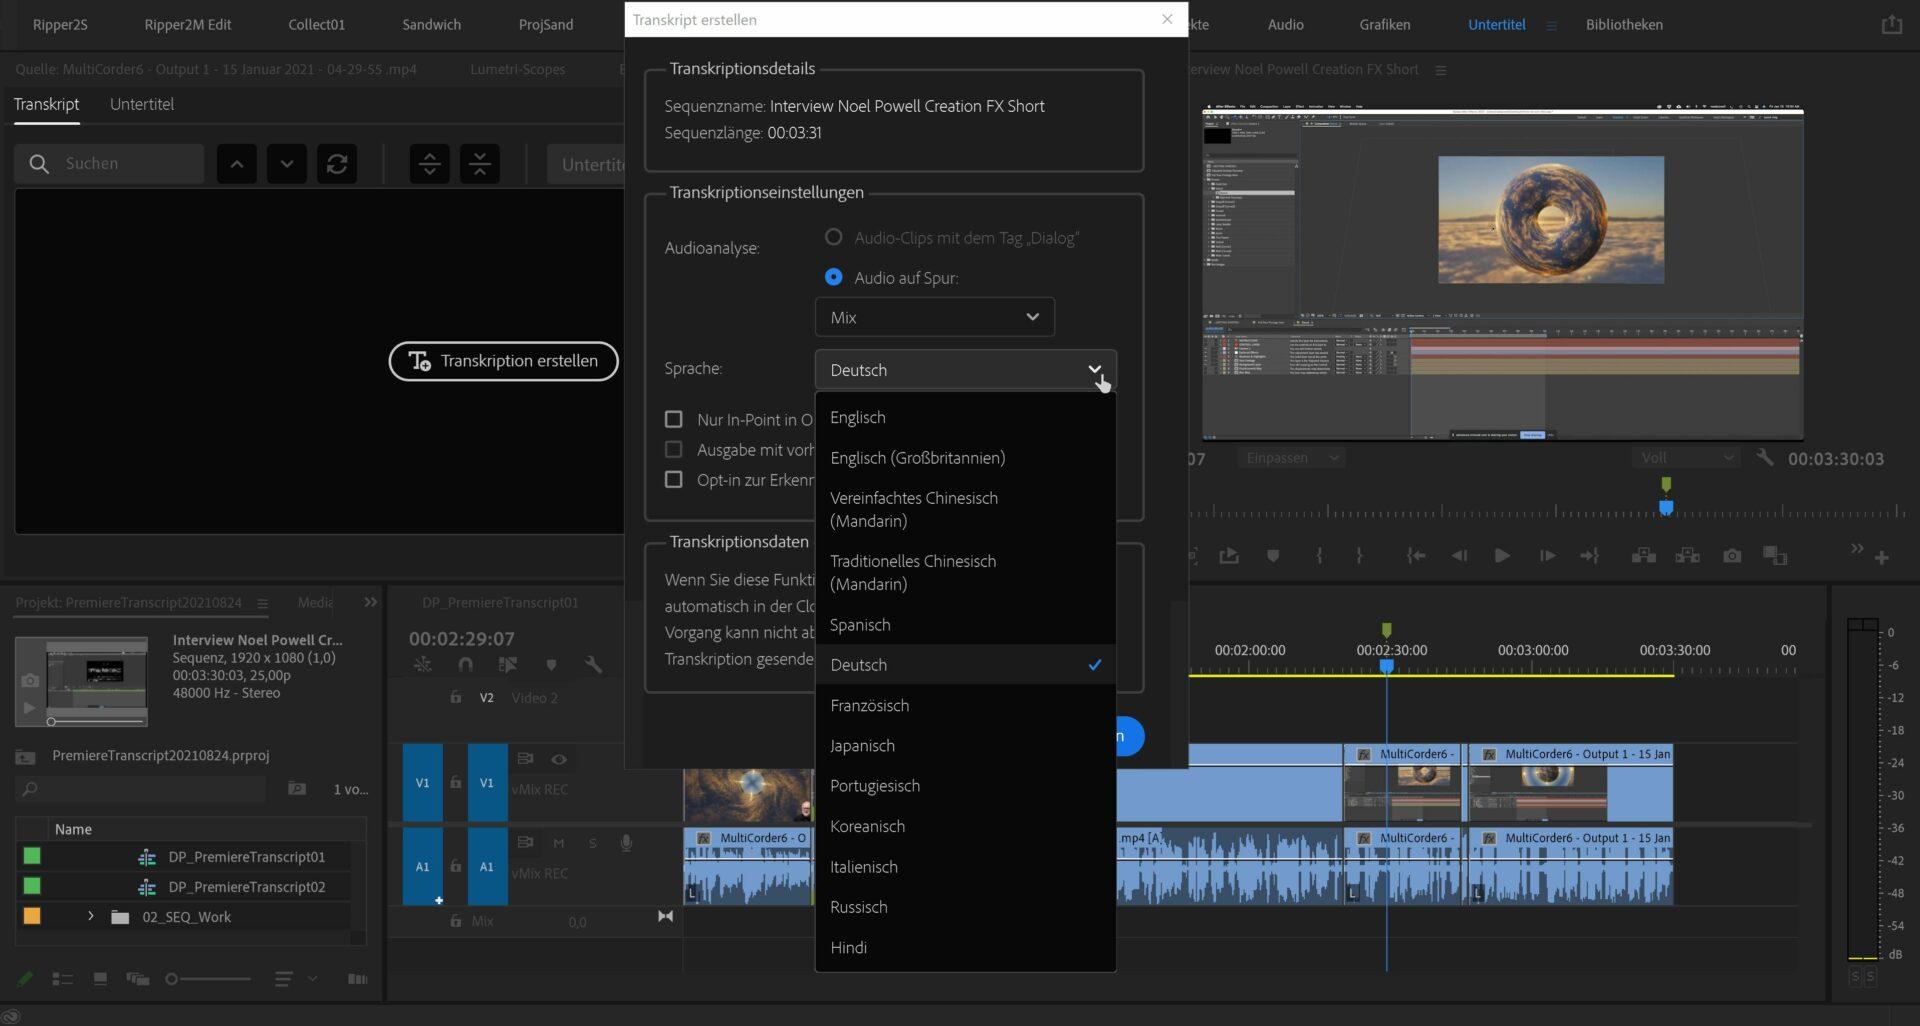 Nachdem die Sprache ausgewählt und das Transkribieren gestartet wurde, wird automatisch ein Audiofile gerendert und in die Adobe Cloud hochgeladen.